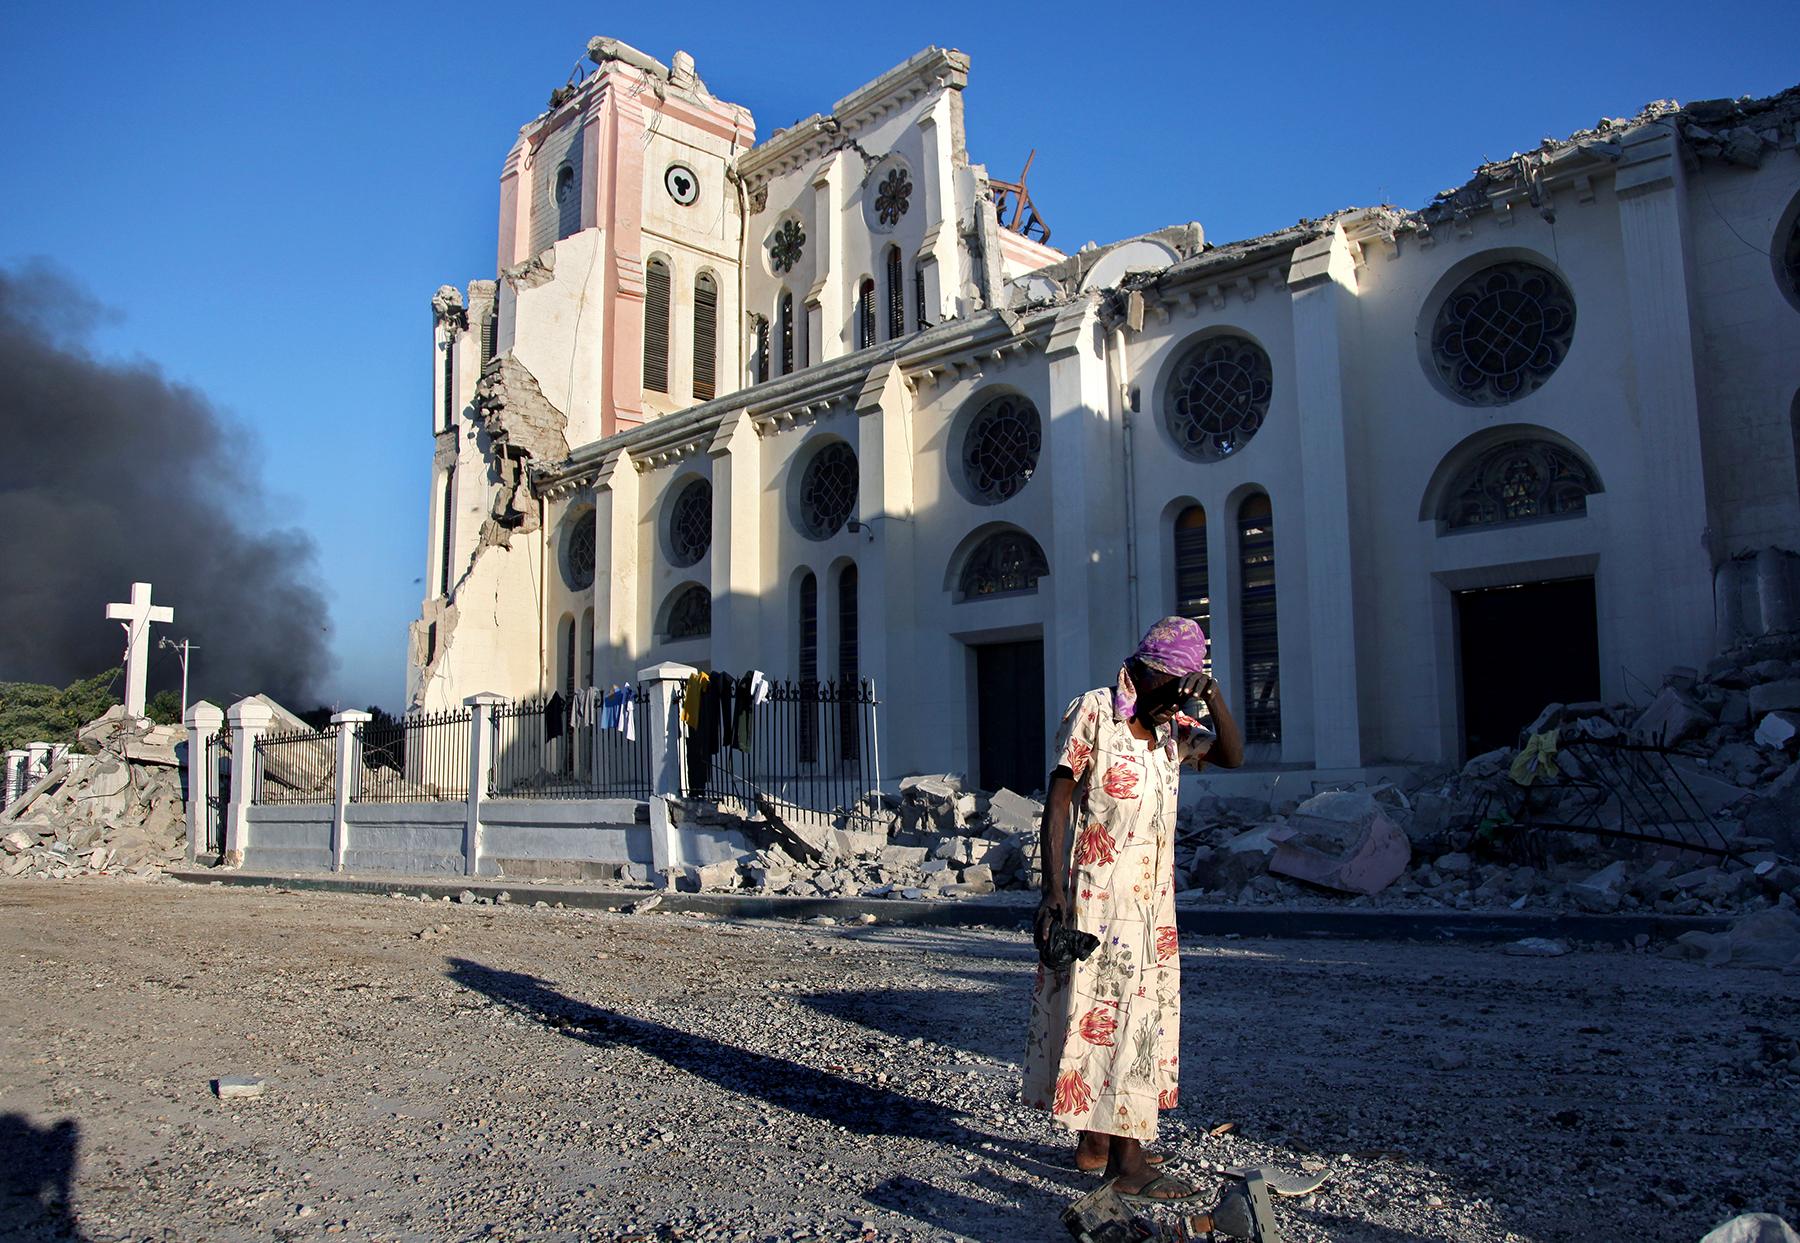 2010 earthquake, Port-au-Prince, Haiti